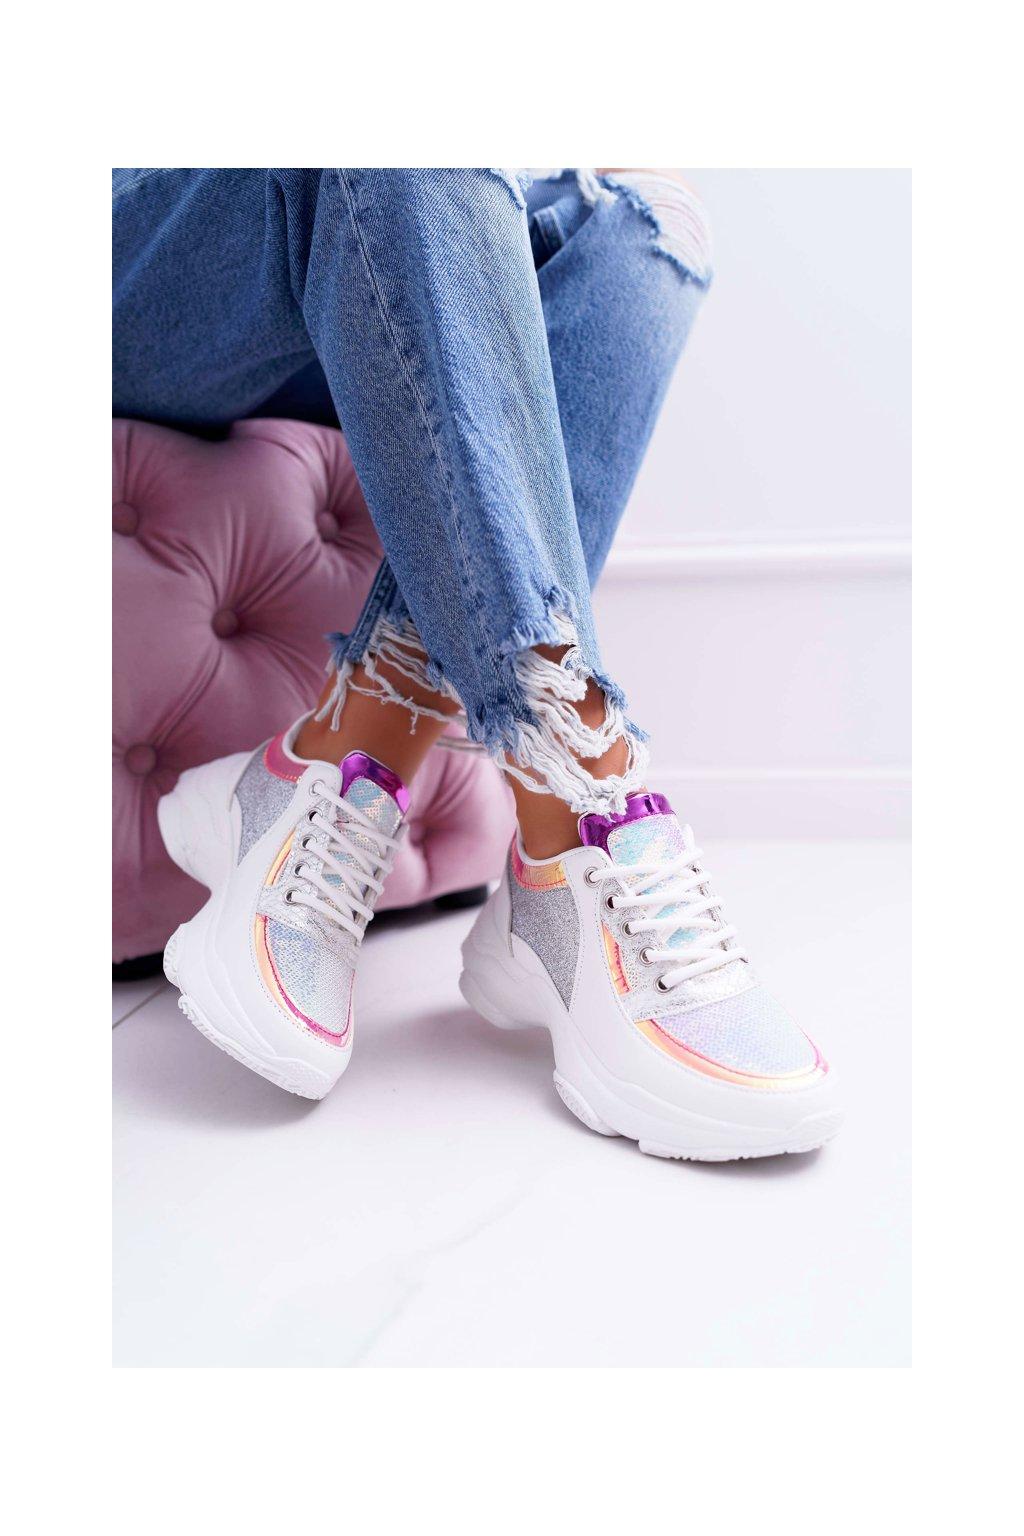 Dámska športová obuv s hrubou Podrážkou lesklé biele Ranea